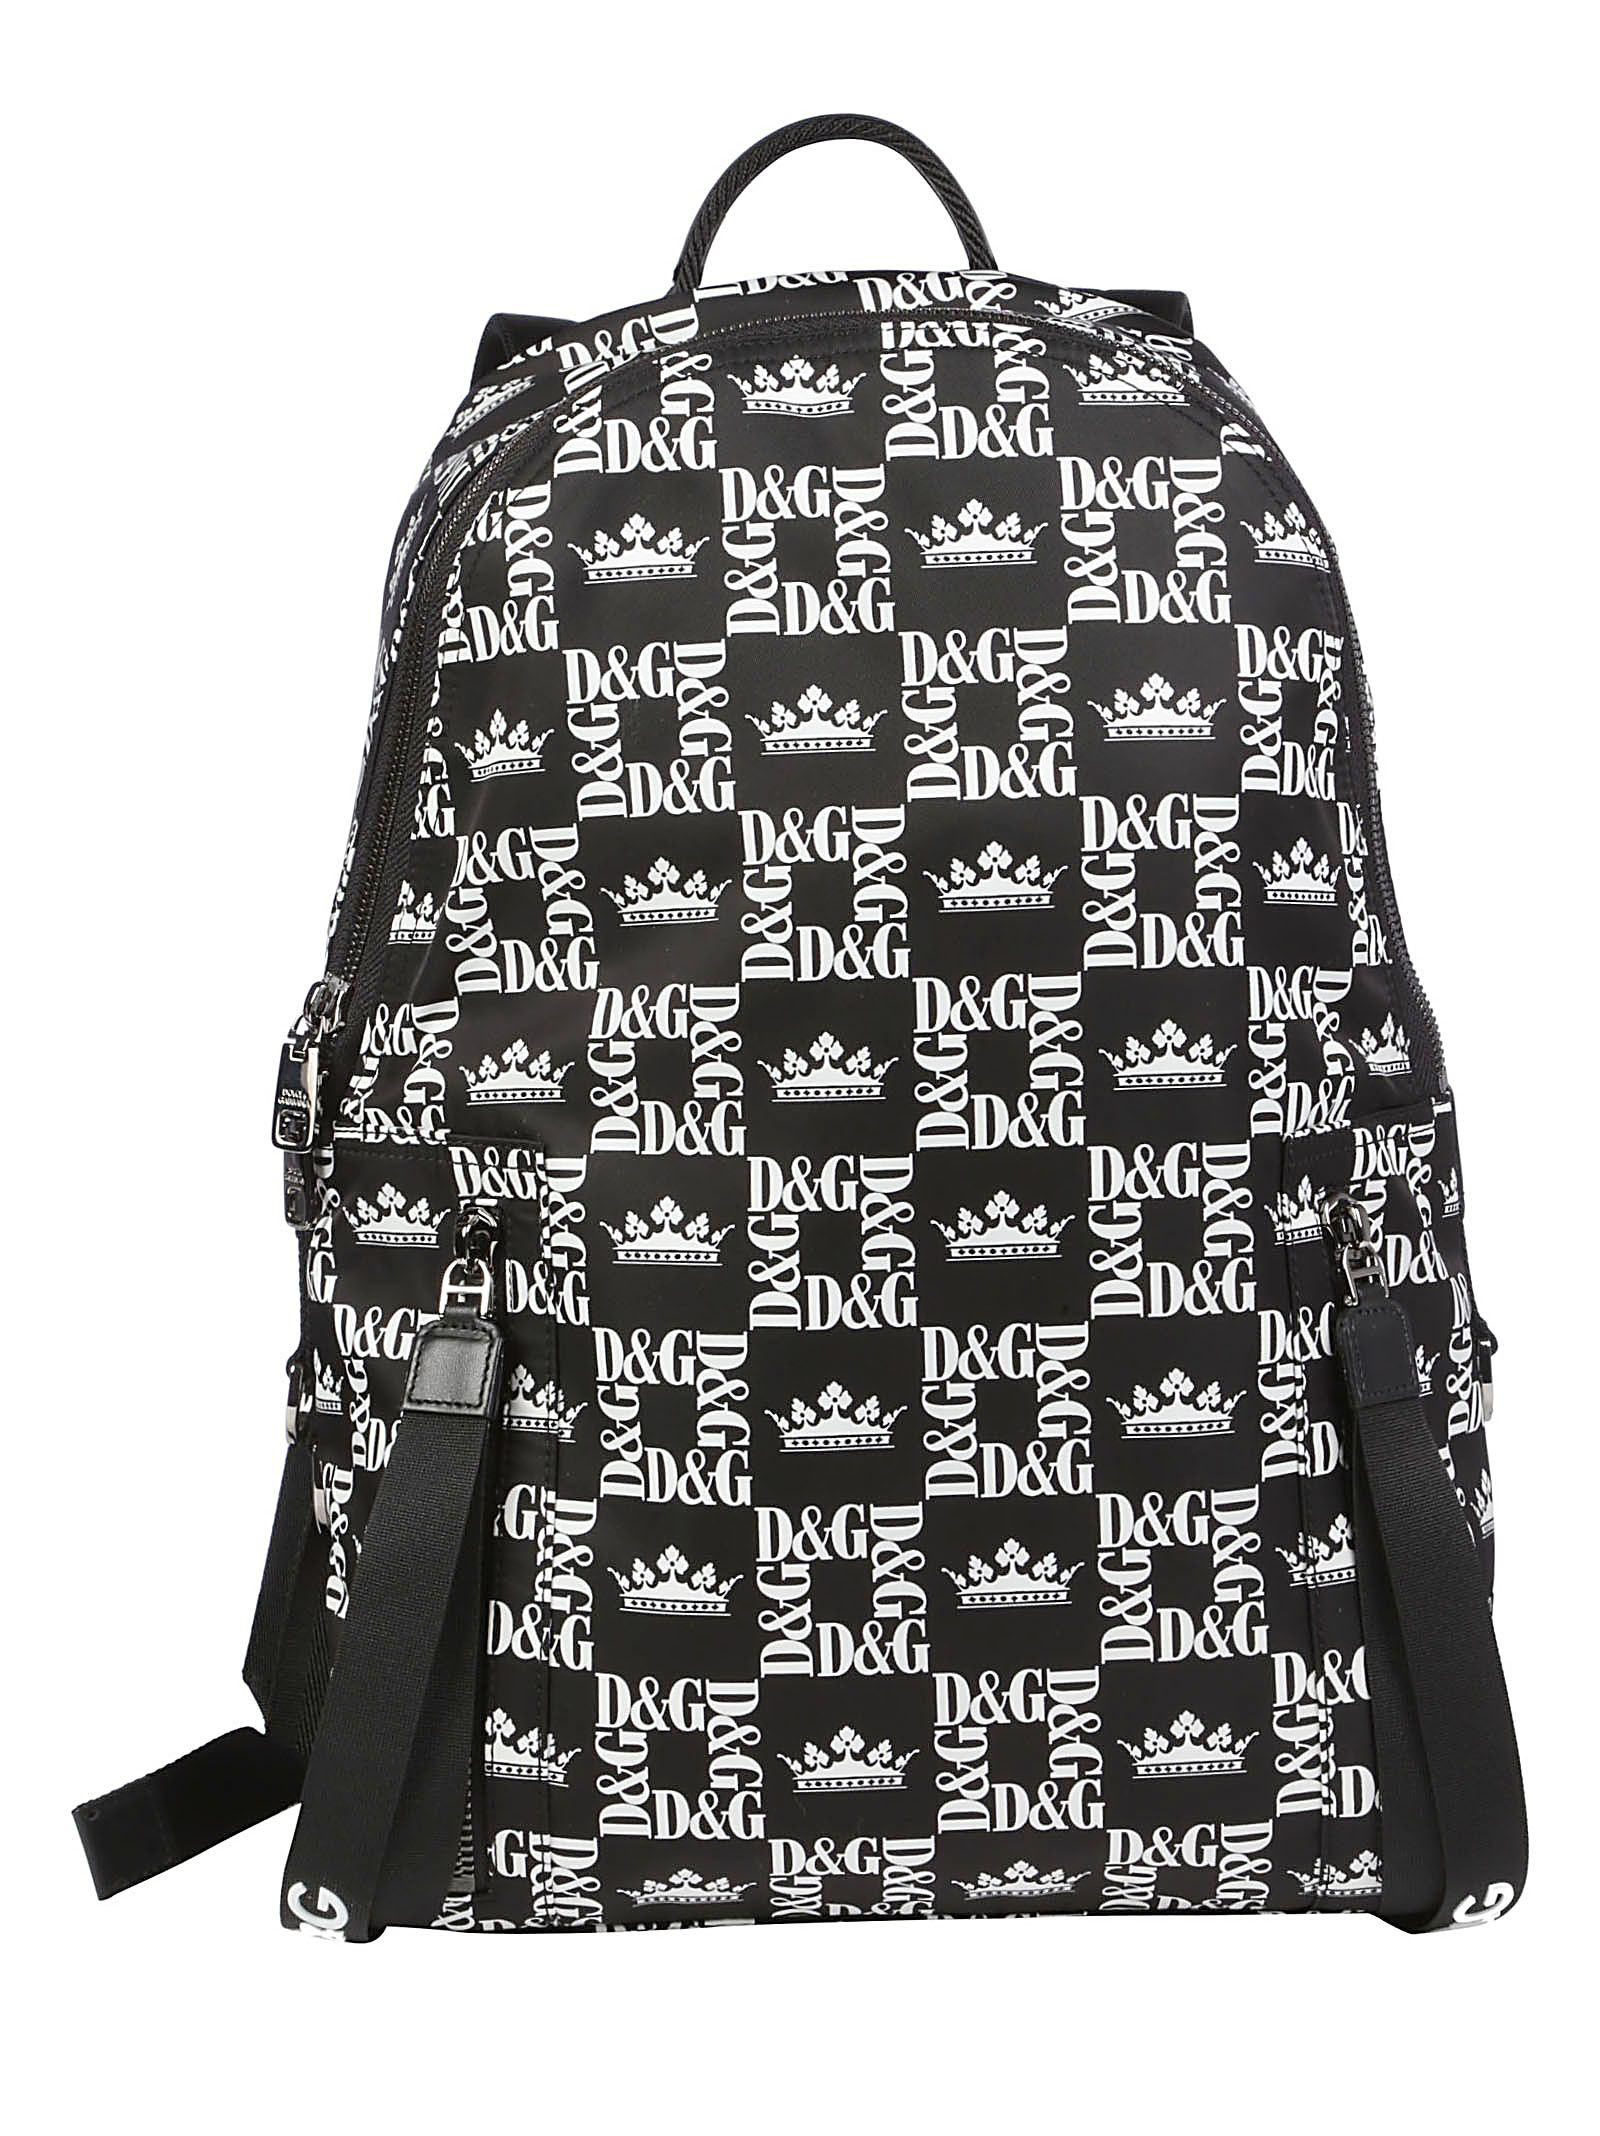 3279b0764c Dolce   Gabbana Dolce E Gabbana Backpack In Corone Fdo. Nero